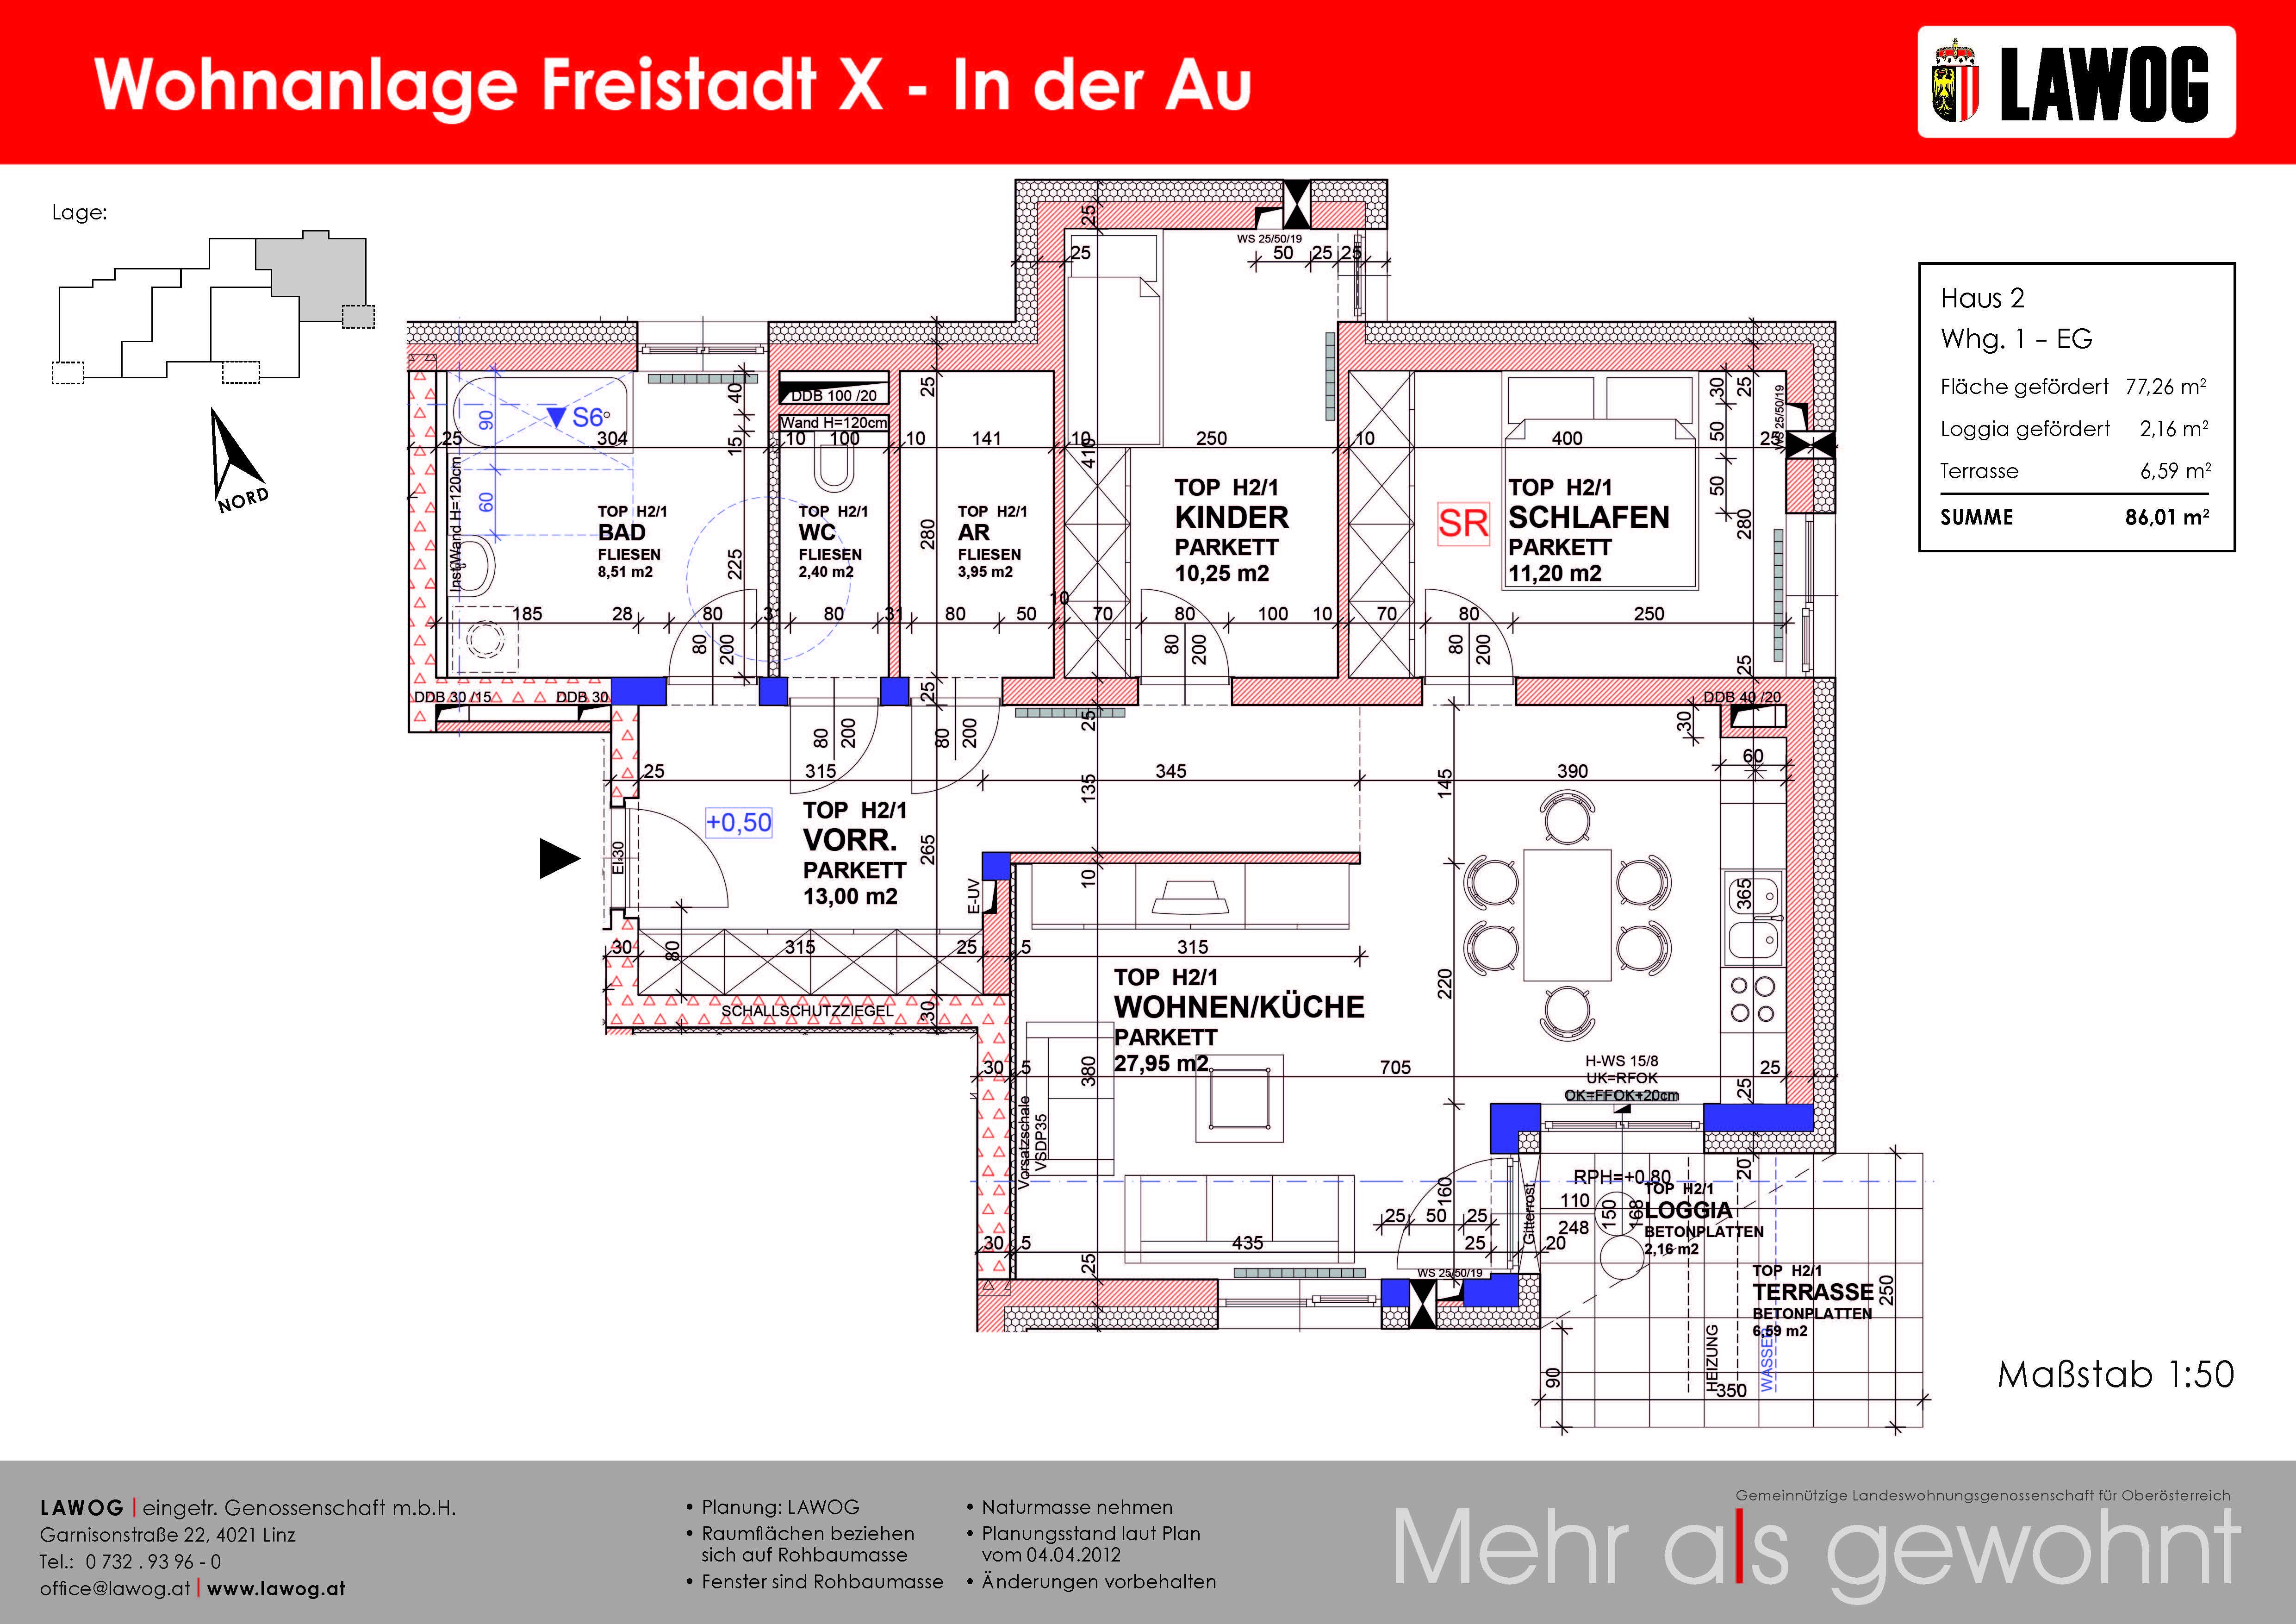 Immobilie von LAWOG in In der Au 10/1, 4240 Freistadt #1